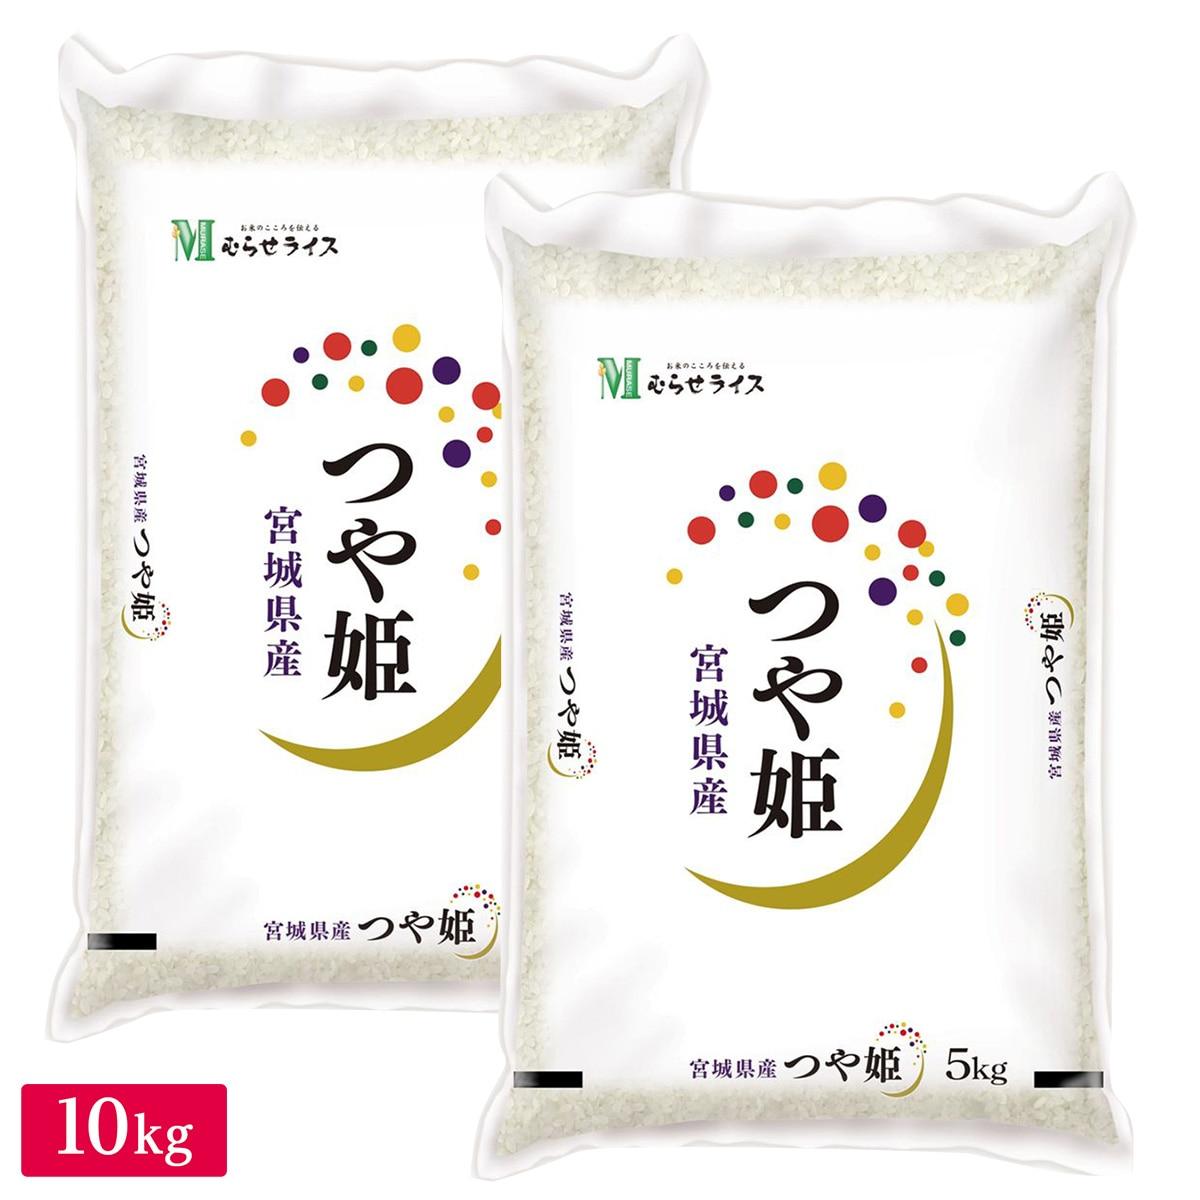 むらせライス ■令和2年産 宮城県産 特A つや姫 10kg(5kg×2袋) 24585